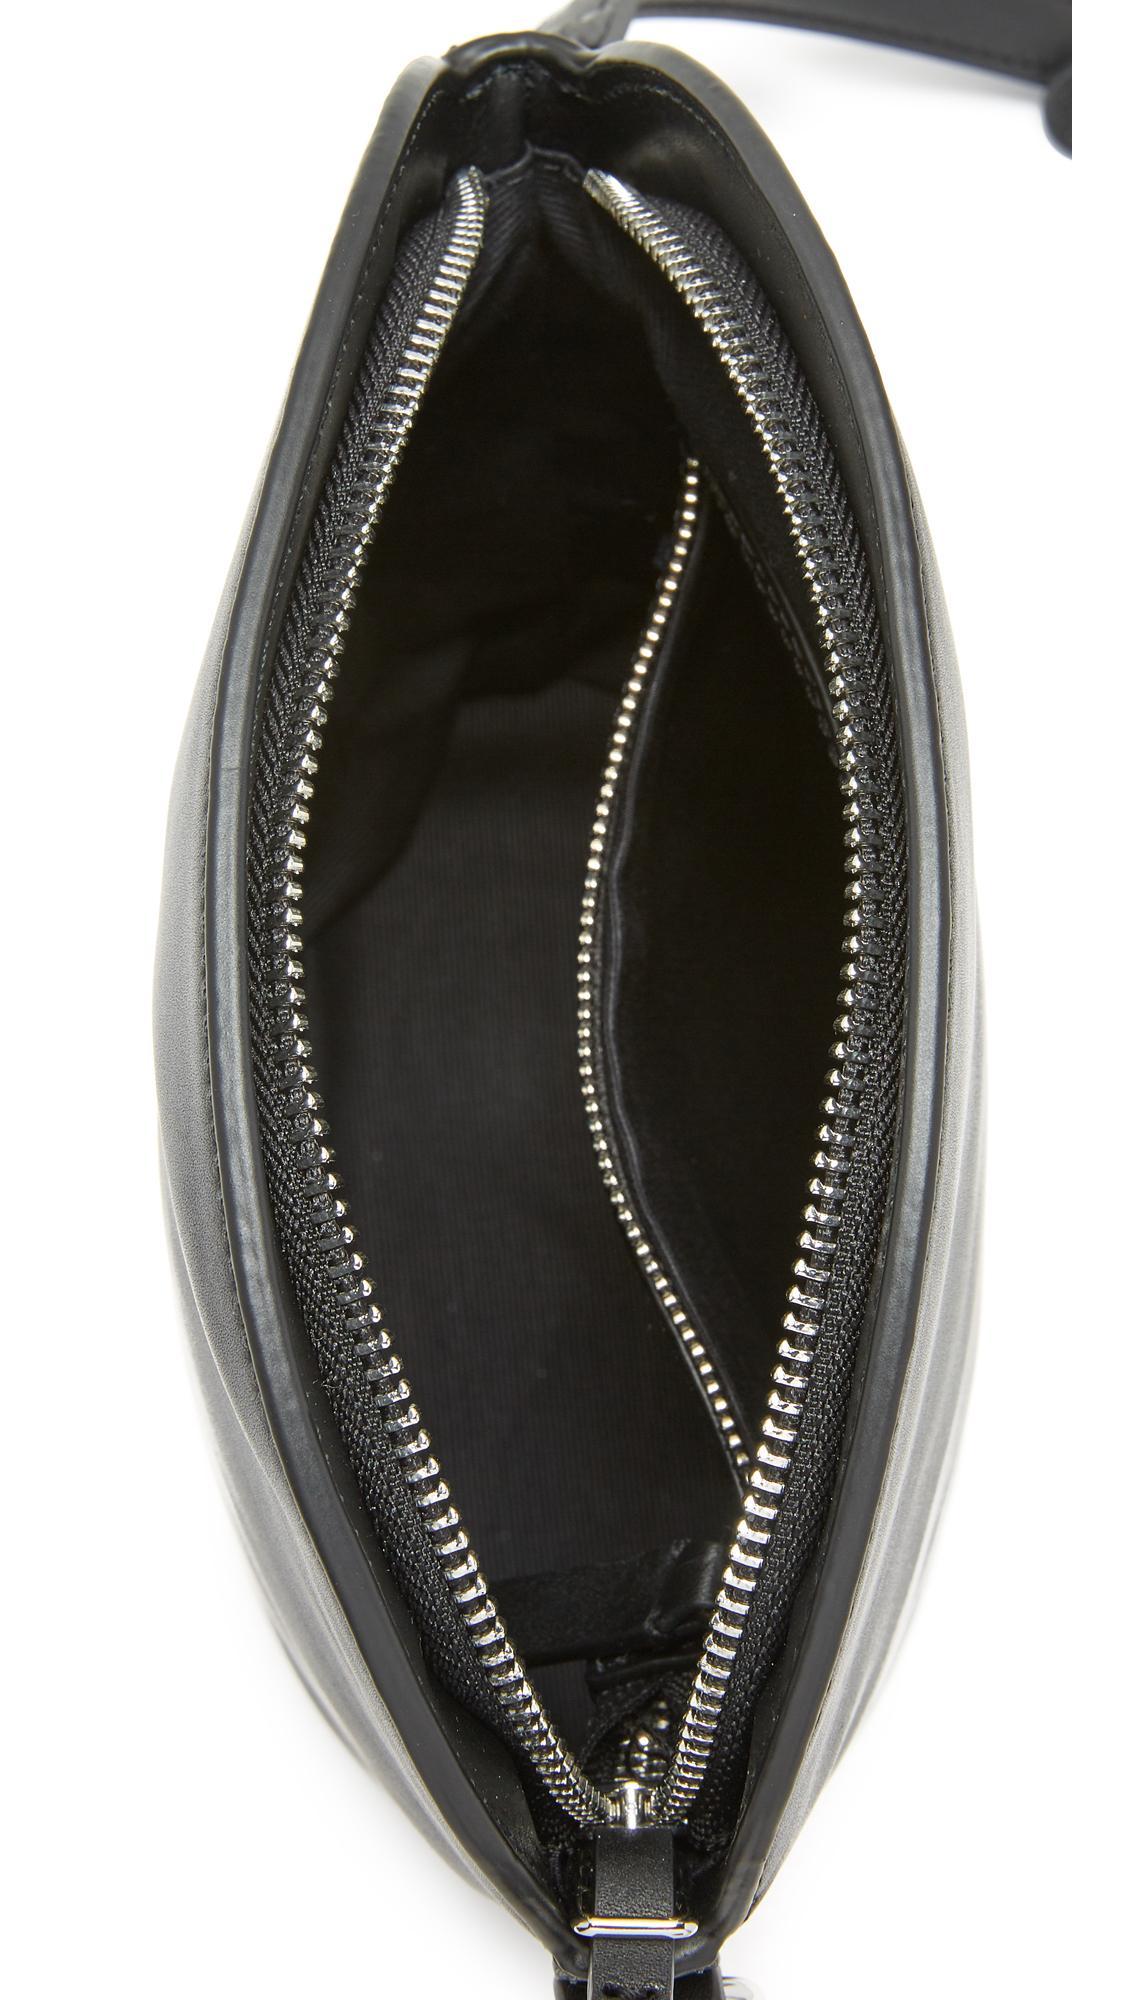 Steven Alan Leather Rhea Cross Body Bag in Black